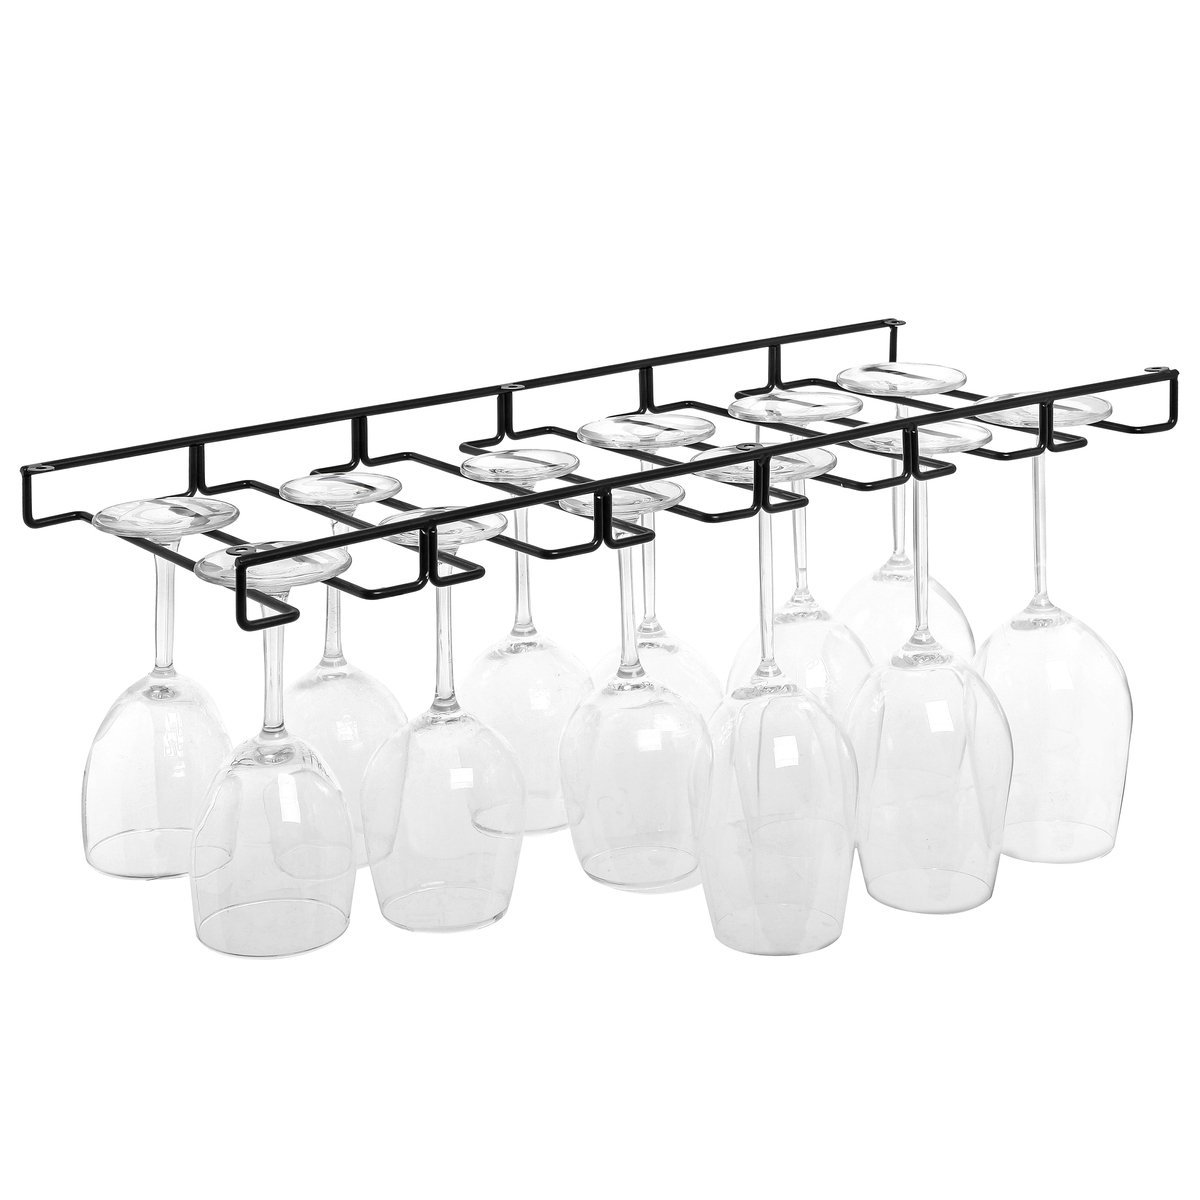 stemware wine glasses hanger organizer holder rack wire under cabinet black. Black Bedroom Furniture Sets. Home Design Ideas